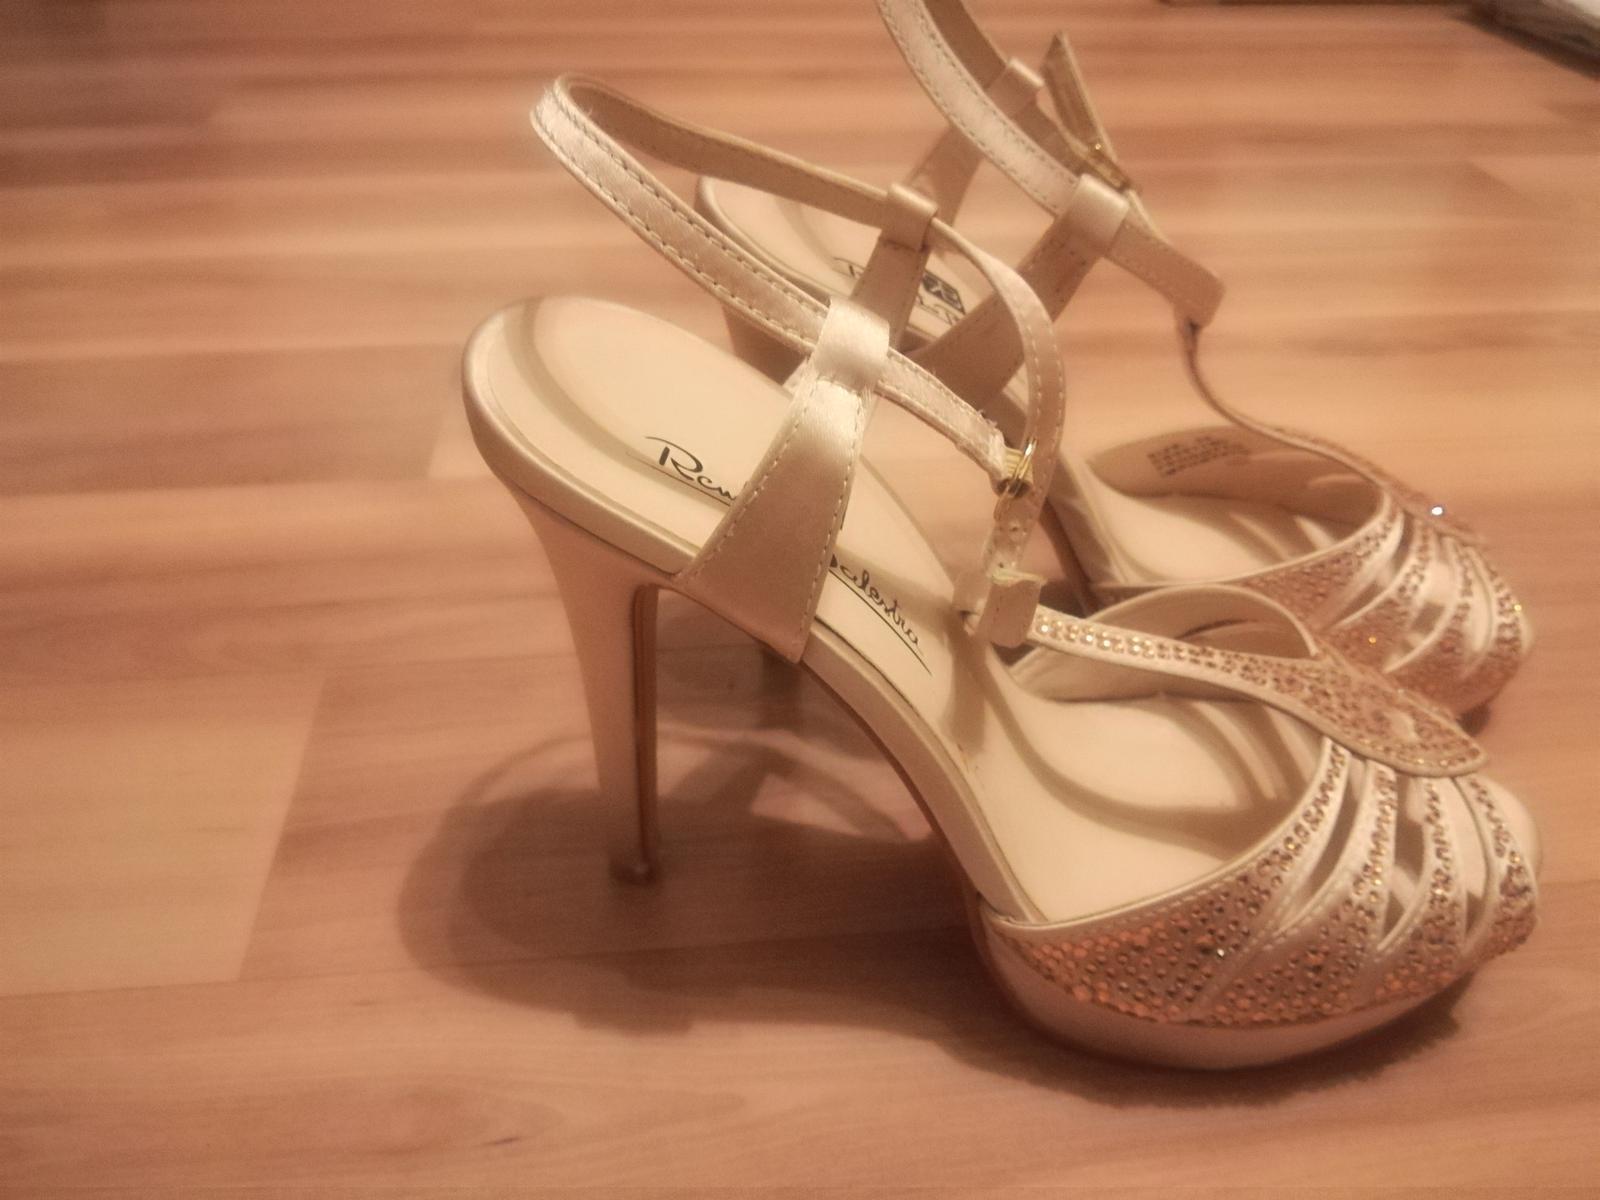 Kamienkove sandalky  - Obrázok č. 3